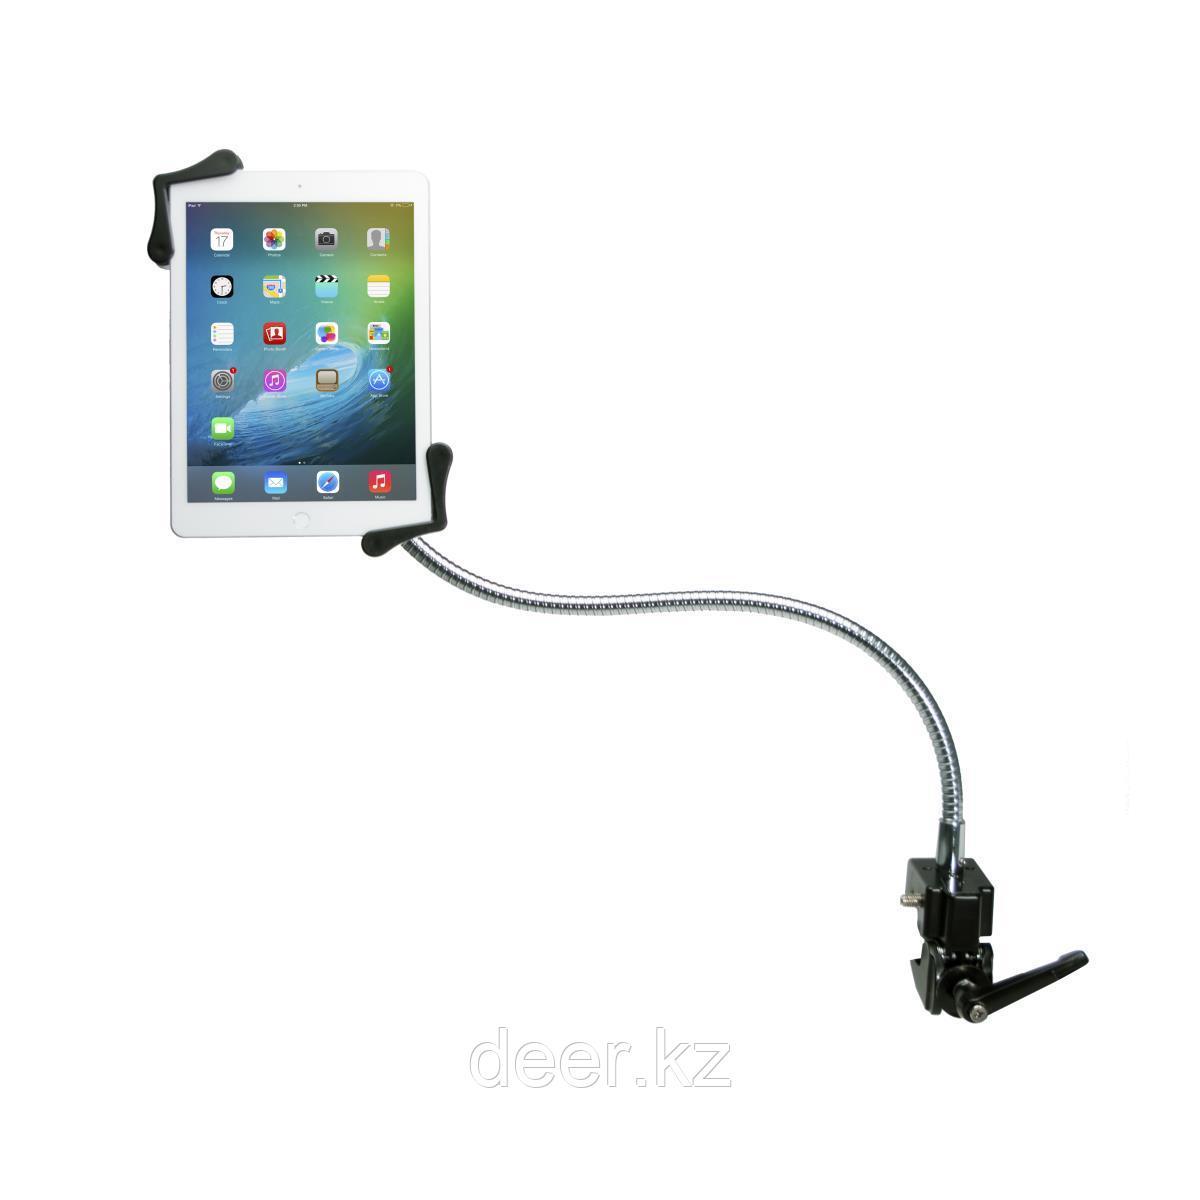 Слайд-позиционная панель для планшета 7-13 дюймов PAD-HGT